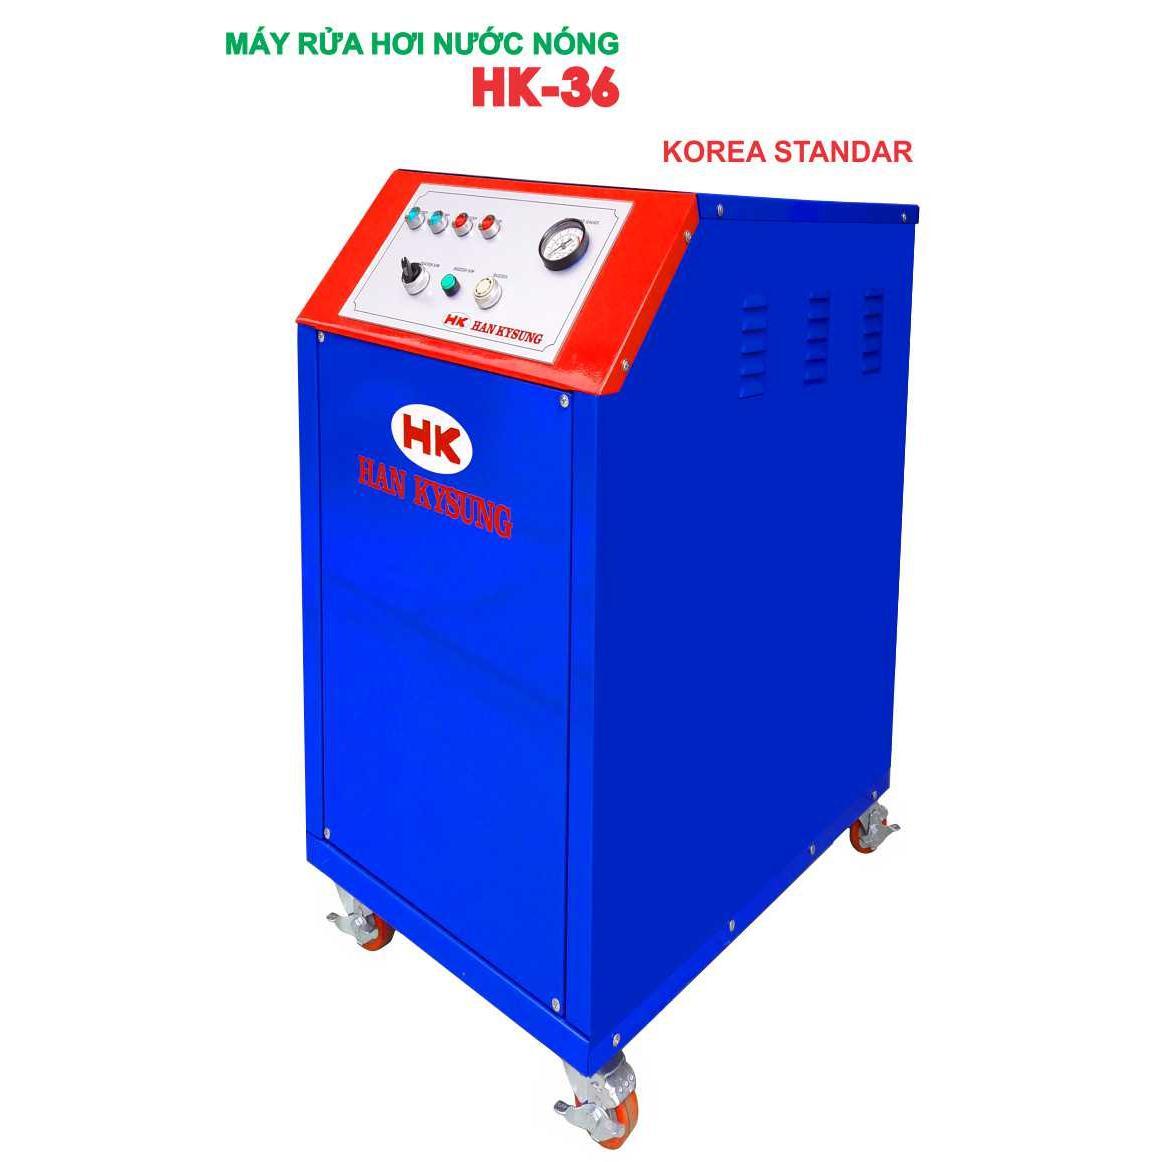 Máy rửa xe bằng hơi nước nóng HK-36